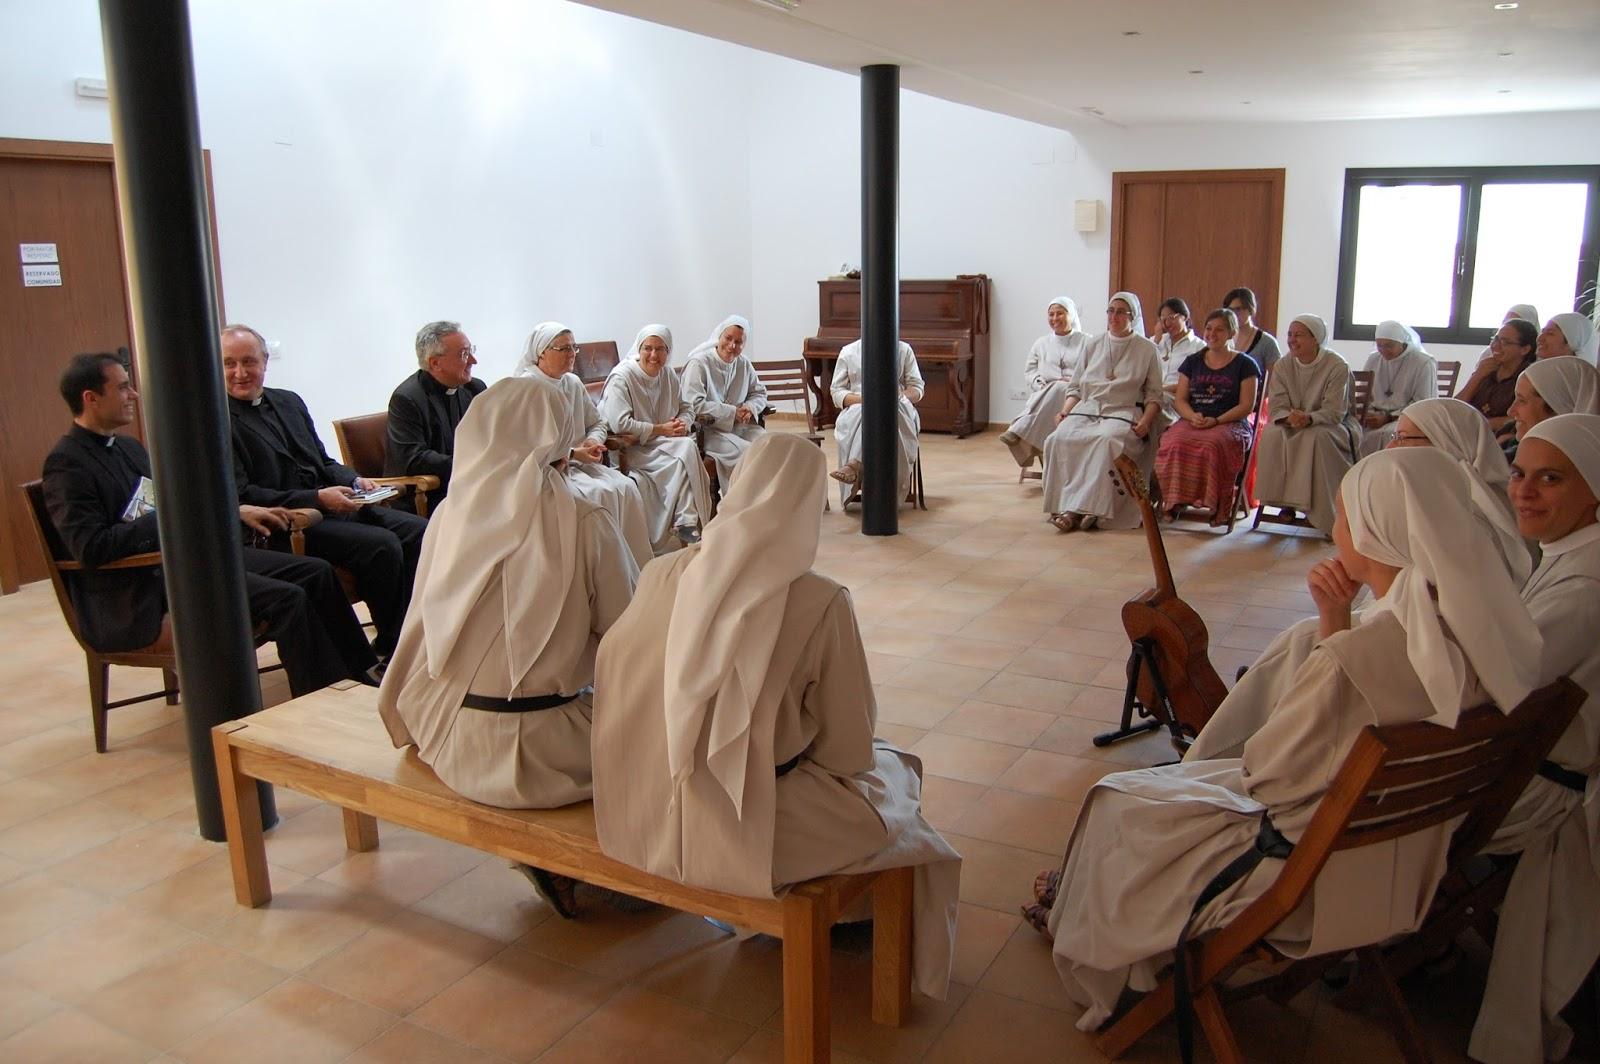 Закрытые образовательные учреждения Испании имеют вековую историю.